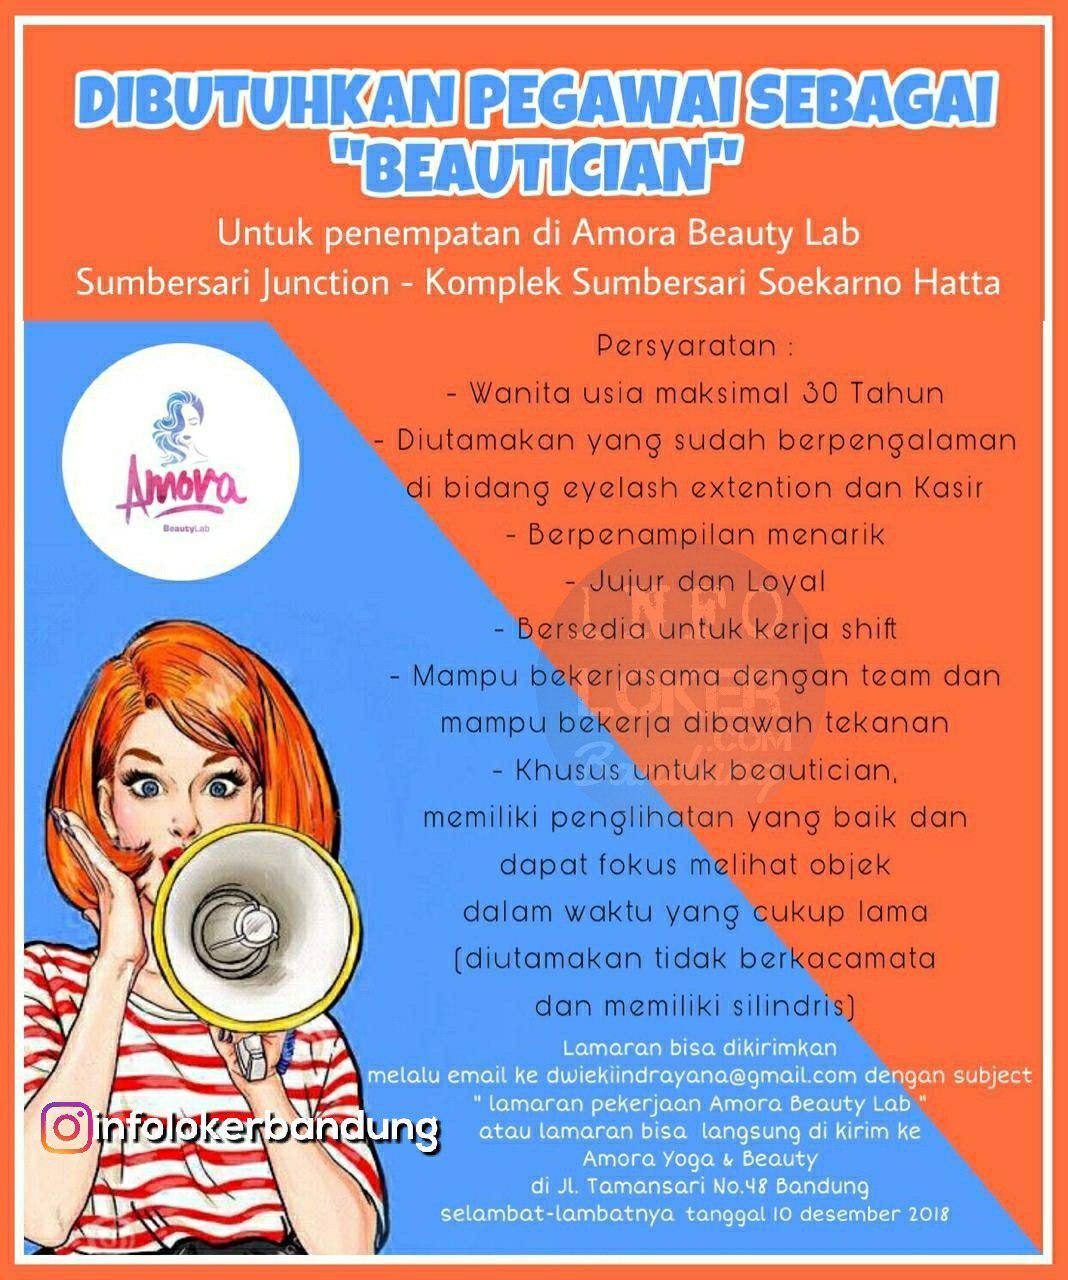 Lowongan Kerja Beautician Amora Beauty Lab Bandung Desember 2018